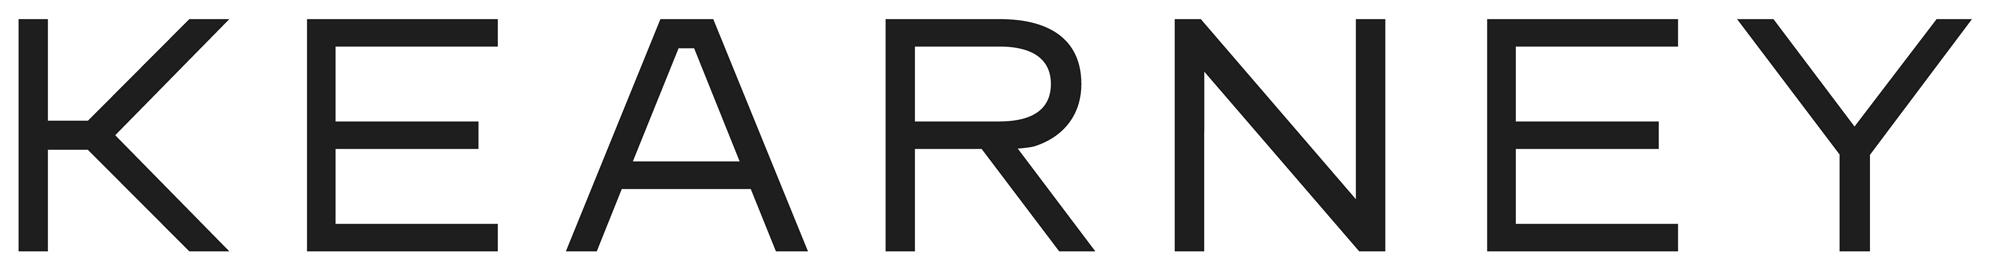 Case detail logo